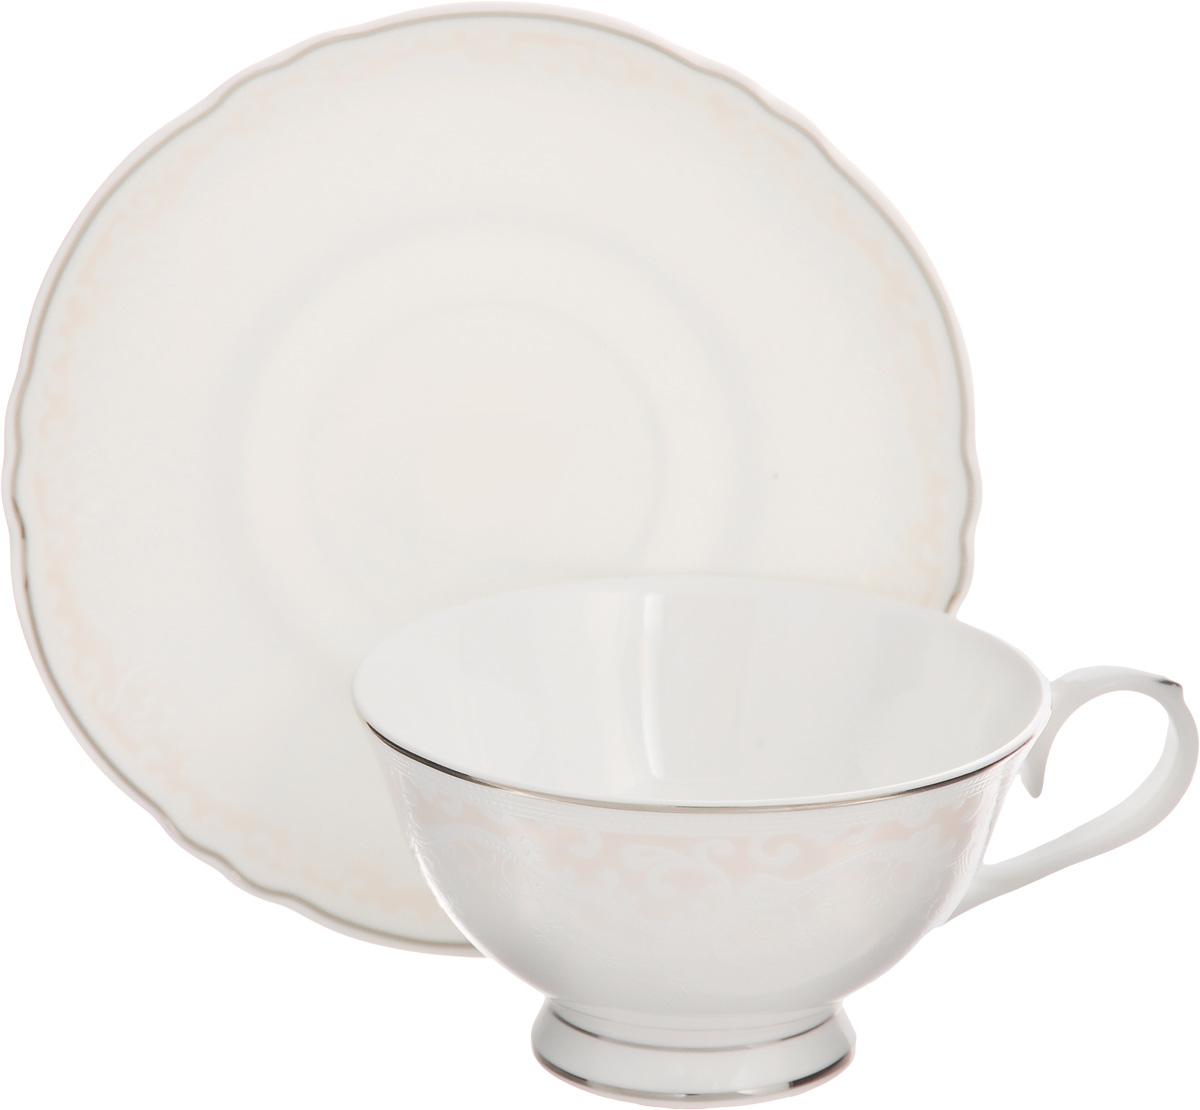 Чайная пара Elan Gallery Розовый шик, 220 мл, 2 предмета54 009312Чайная пара Elan Gallery Розовый шик состоит из чашки и блюдца,изготовленных из керамики высшего качества, отличающегося необыкновеннойпрочностью и небольшим весом. Яркий дизайн, несомненно, придется вам повкусу.Чайная пара Elan Gallery Розовый шик украсит ваш кухонный стол, атакже станет замечательным подарком к любому празднику.Не рекомендуется применять абразивные моющие средства. Не использовать вмикроволновой печи.Объем чашки: 220 мл.Диаметр чашки (по верхнему краю): 10,5 см.Высота чашки: 6 см.Диаметр блюдца: 15,5 см.Высота блюдца: 1,5 см.